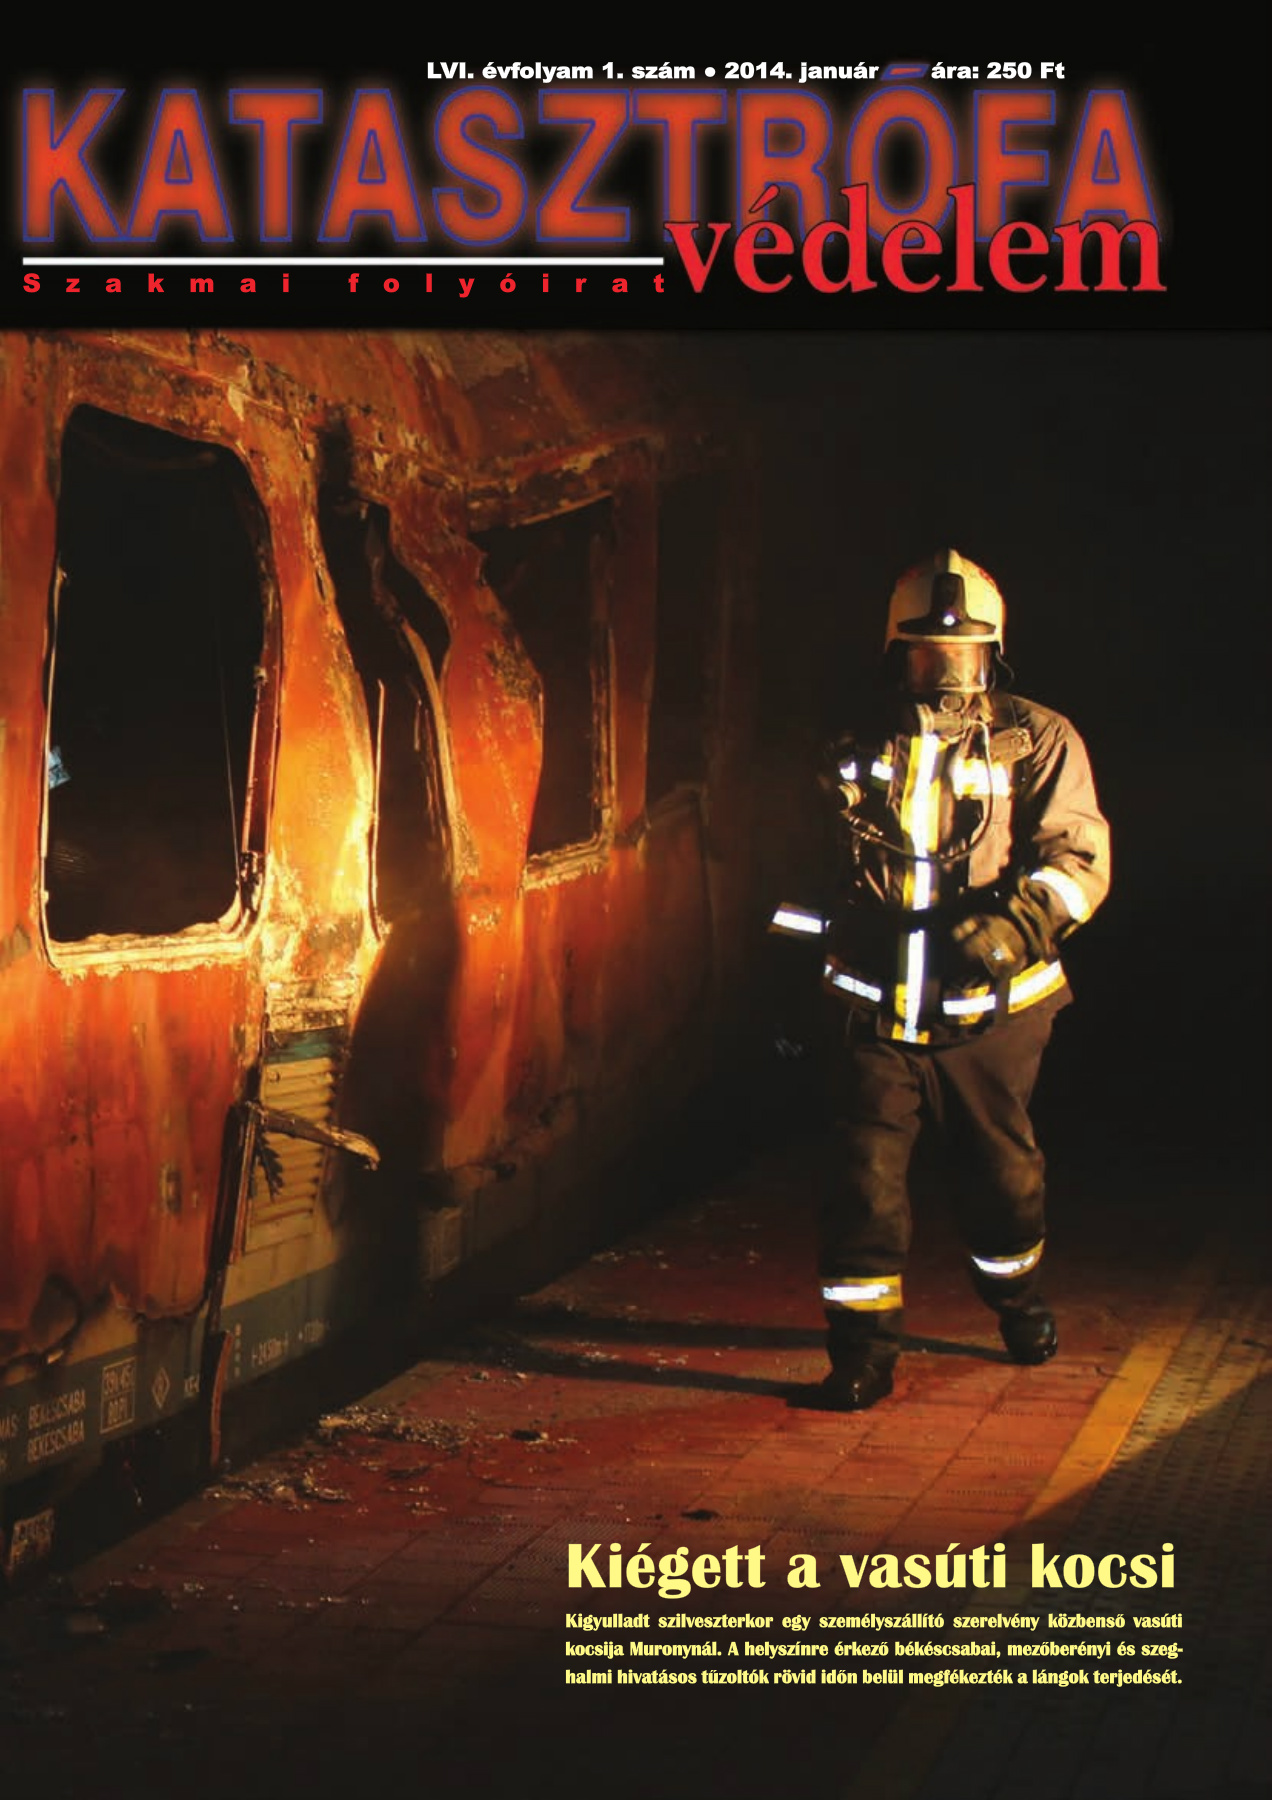 A Katasztrófavédelem magazin LVI. évfolyam 1. szám megtekintése